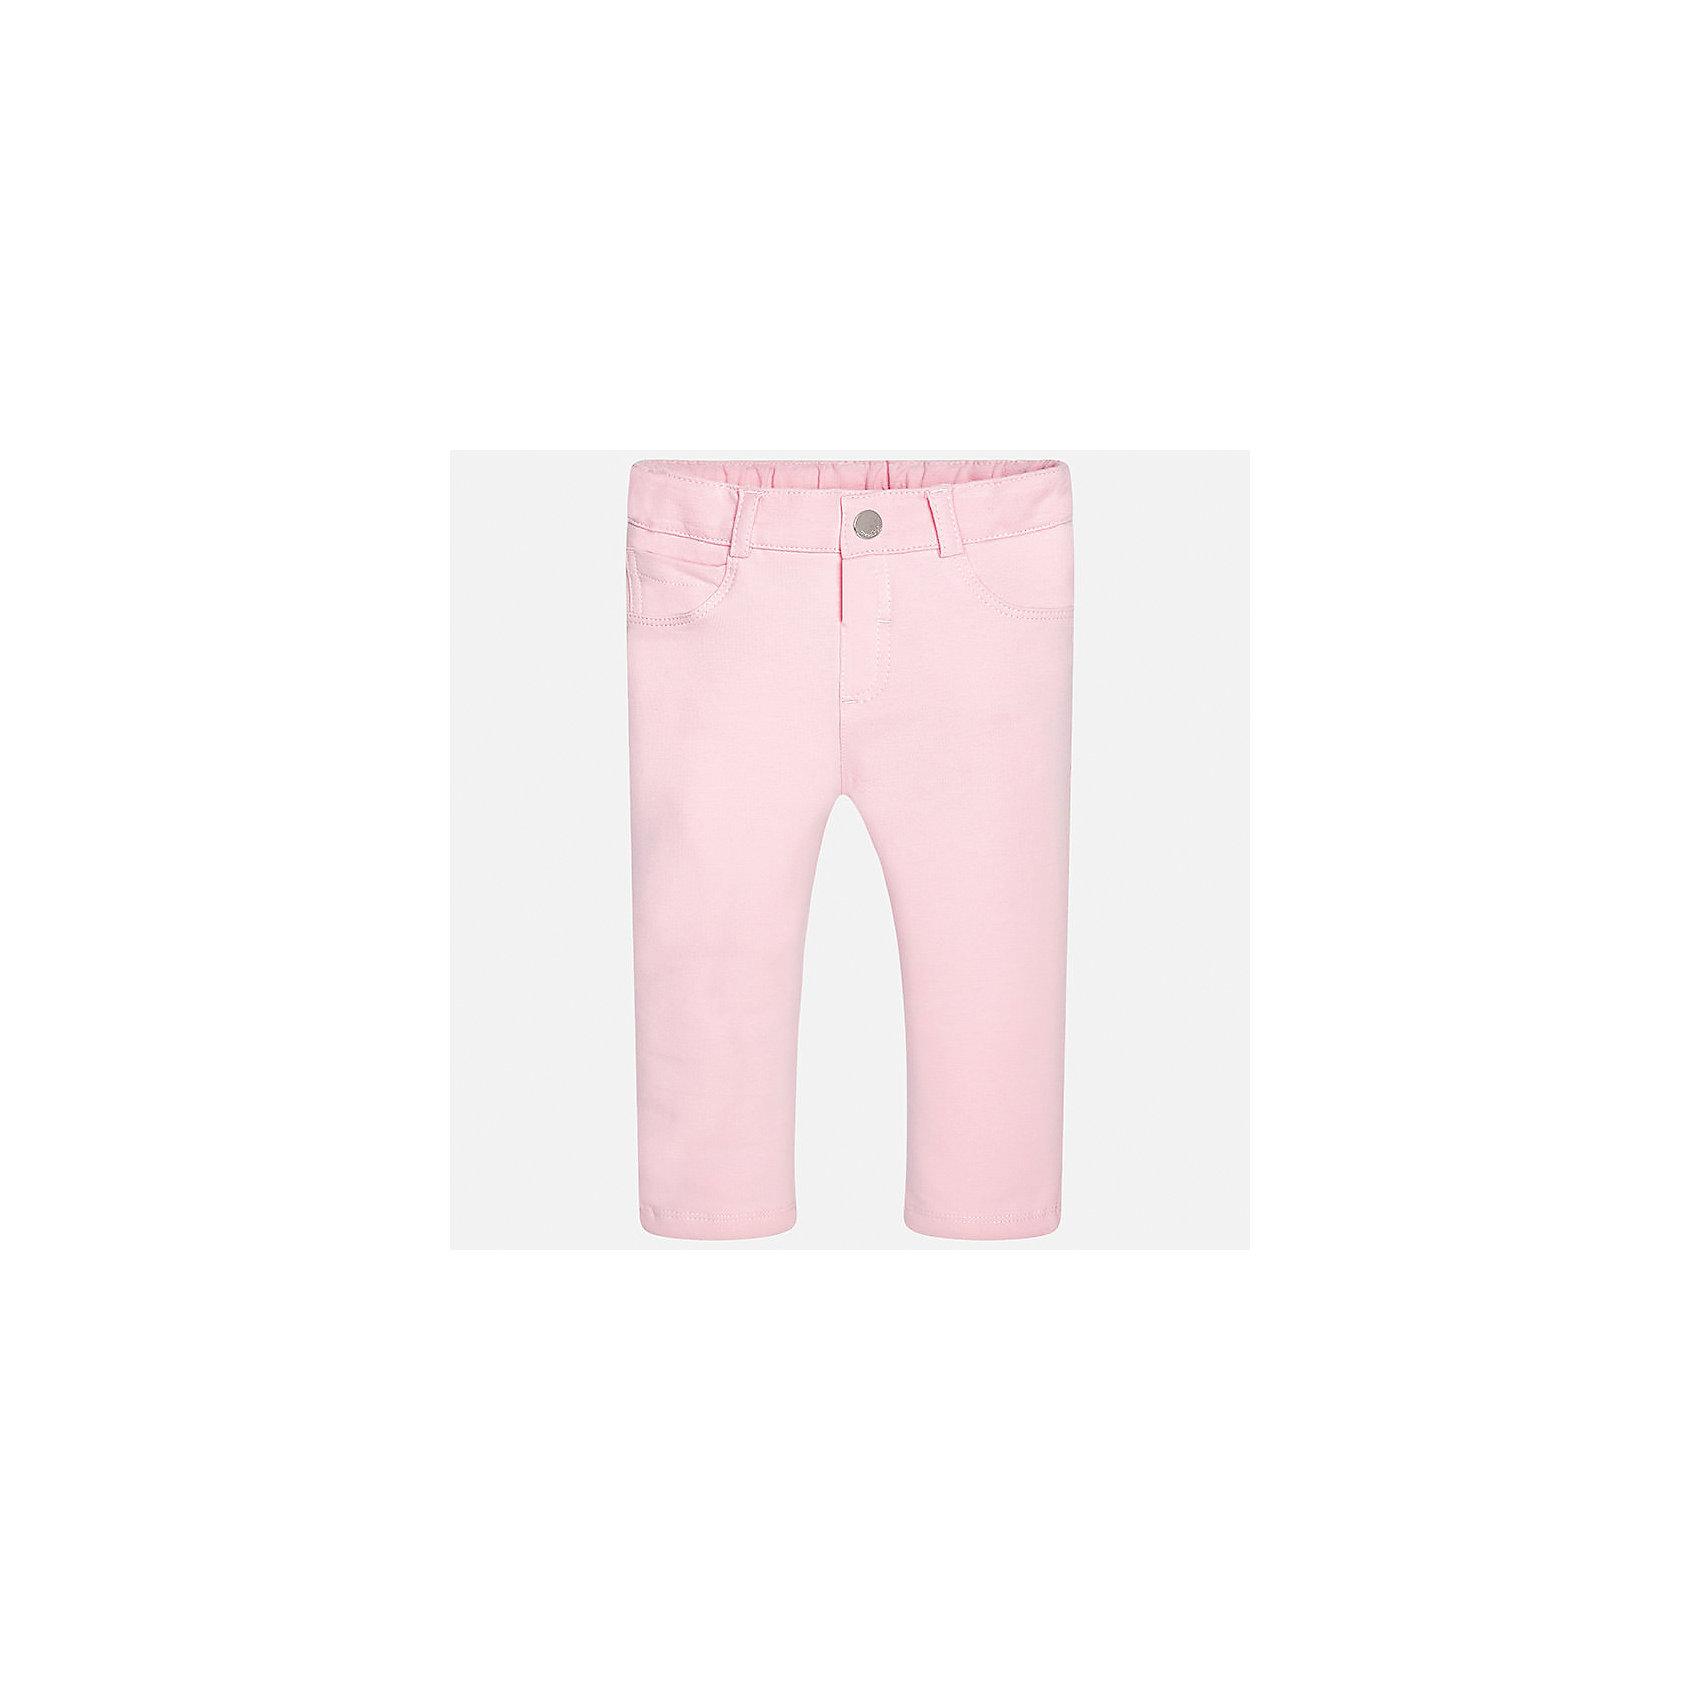 Брюки для девочки MayoralДжинсы и брючки<br>Характеристики товара:<br><br>• цвет: розовый<br>• состав: 95% хлопок, 5% эластан<br>• шлевки<br>• эластичный материал<br>• классический силуэт<br>• страна бренда: Испания<br><br>Модные брюки для девочки смогут разнообразить гардероб ребенка и украсить наряд. Они отлично сочетаются с майками, футболками, блузками. Красивый оттенок позволяет подобрать к вещи верх разных расцветок. В составе материала - натуральный хлопок, гипоаллергенный, приятный на ощупь, дышащий. Леггинсы отлично сидят и не стесняют движения.<br><br>Одежда, обувь и аксессуары от испанского бренда Mayoral полюбились детям и взрослым по всему миру. Модели этой марки - стильные и удобные. Для их производства используются только безопасные, качественные материалы и фурнитура. Порадуйте ребенка модными и красивыми вещами от Mayoral! <br><br>Брюки для девочки от испанского бренда Mayoral (Майорал) можно купить в нашем интернет-магазине.<br><br>Ширина мм: 123<br>Глубина мм: 10<br>Высота мм: 149<br>Вес г: 209<br>Цвет: лиловый<br>Возраст от месяцев: 18<br>Возраст до месяцев: 24<br>Пол: Женский<br>Возраст: Детский<br>Размер: 92,74,80,86<br>SKU: 5300035